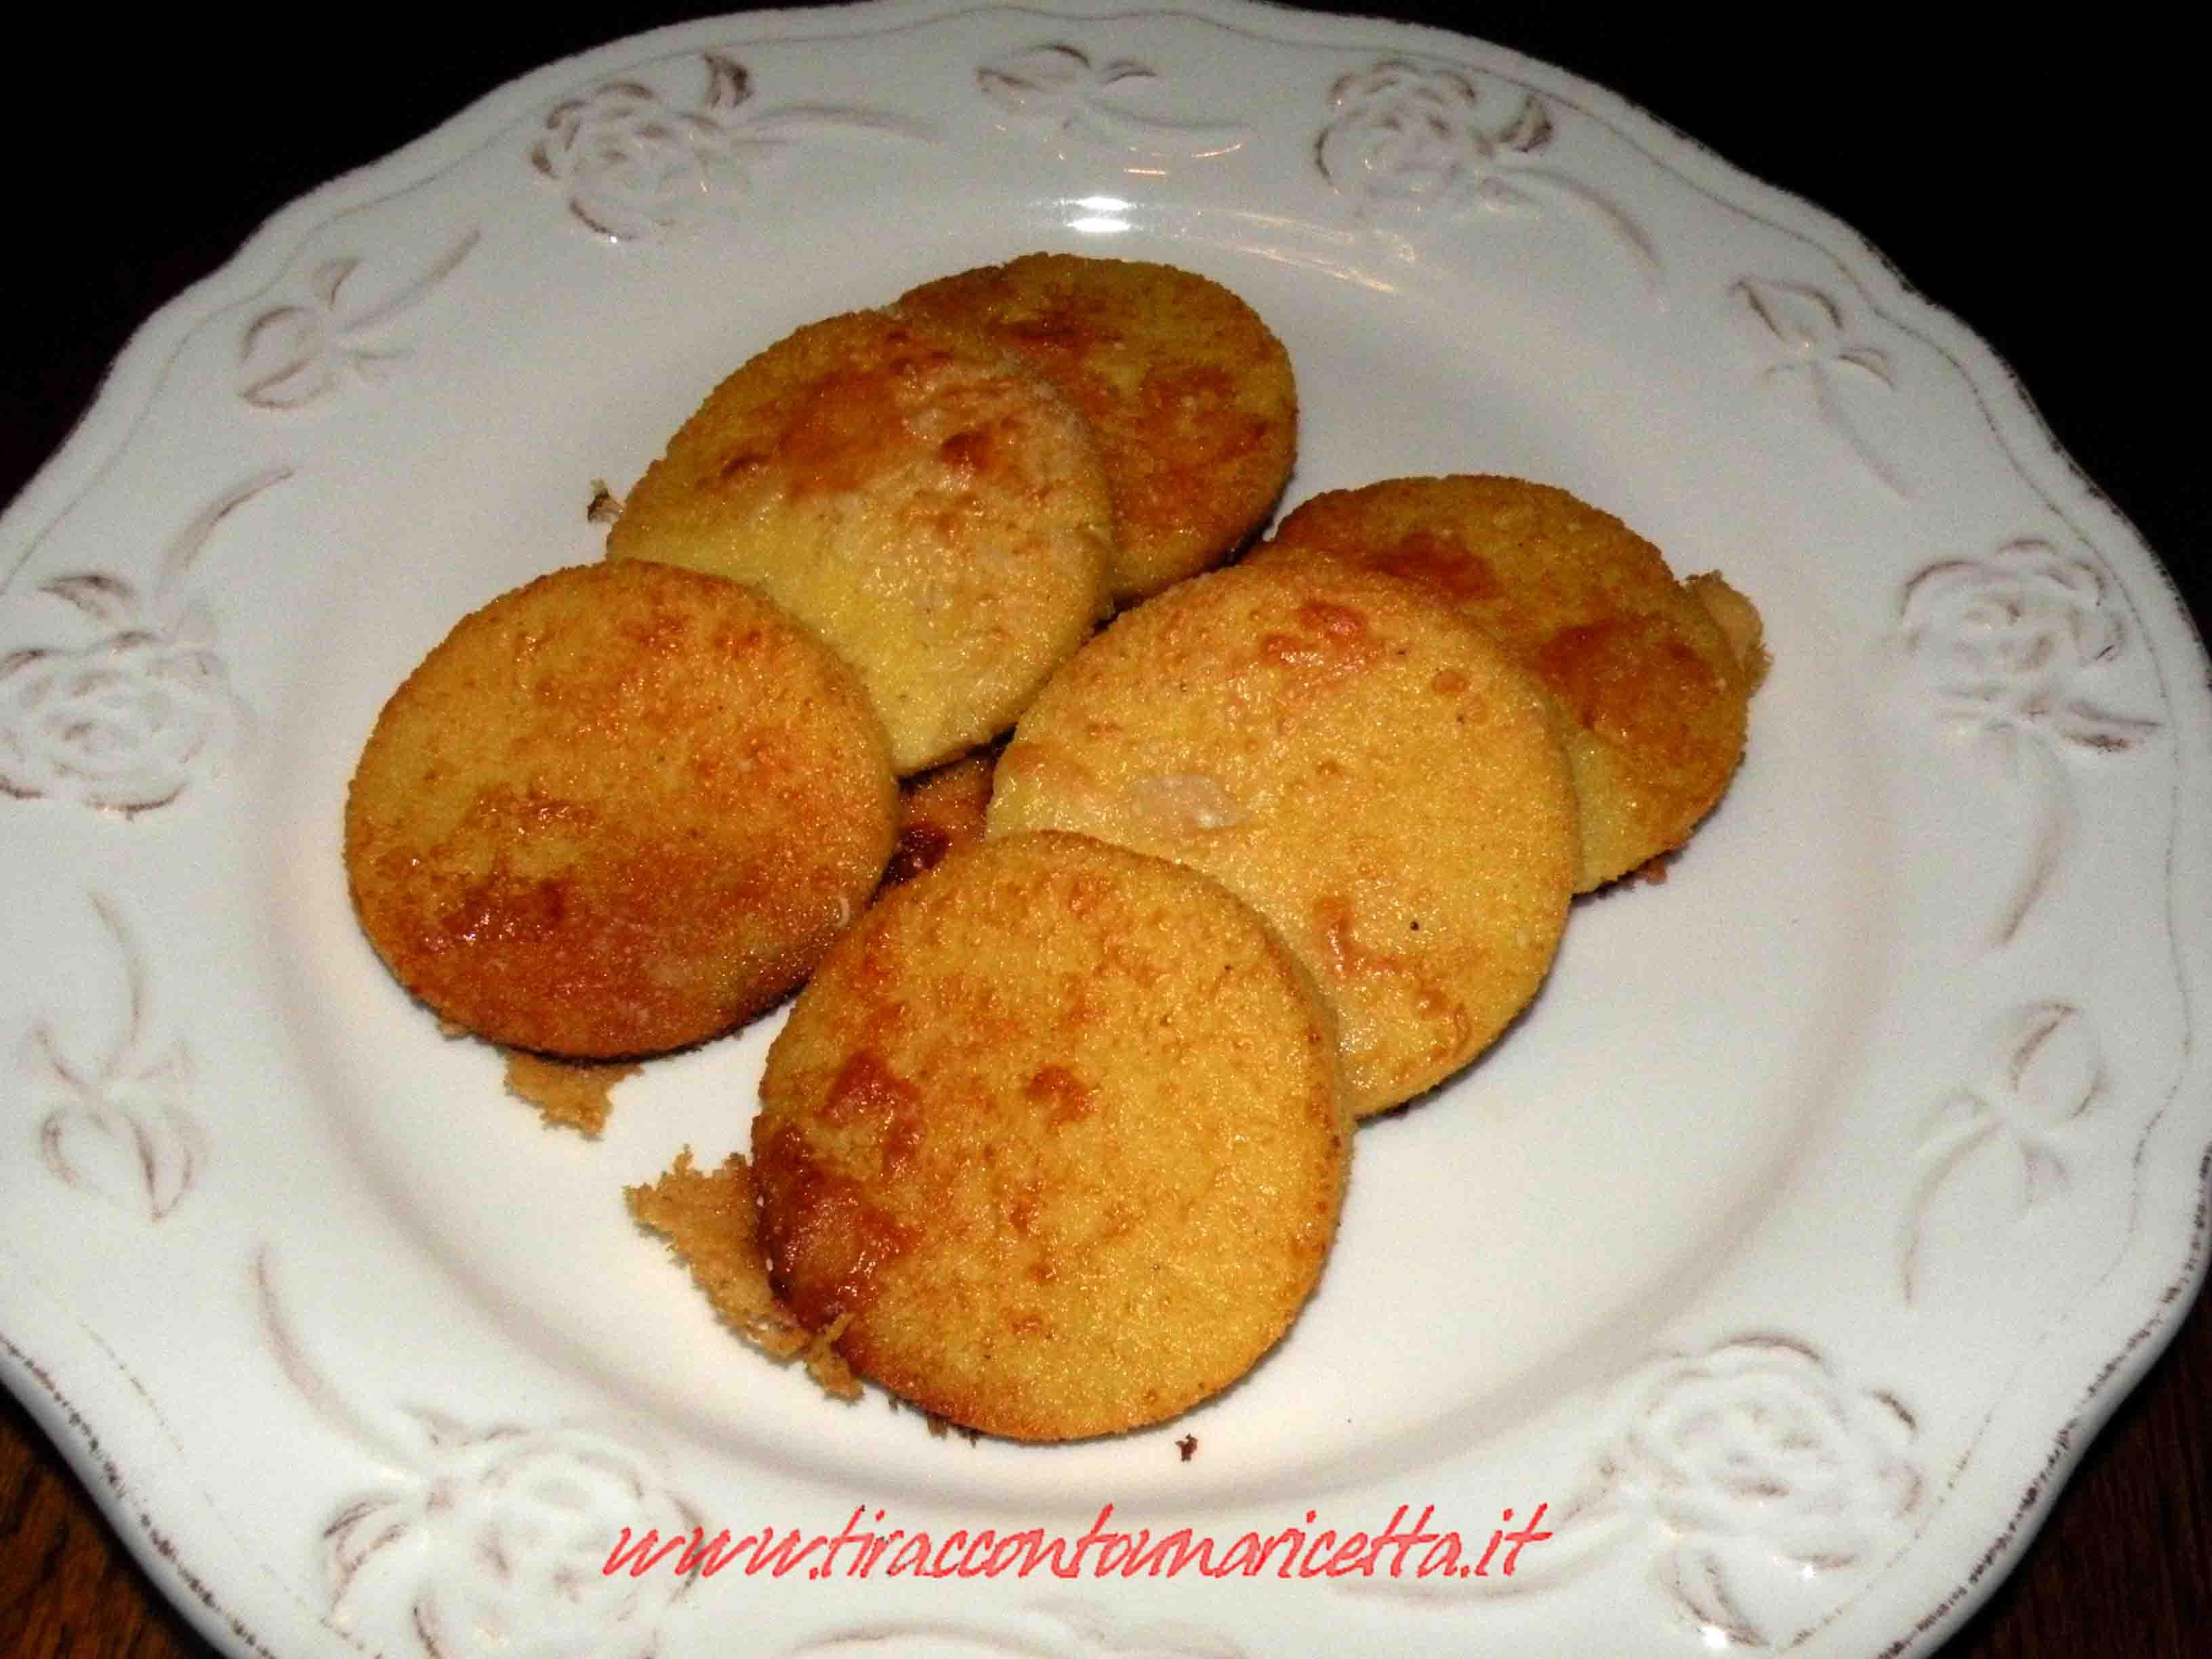 Gnocchi alla romana ti racconto una ricetta - Come cucinare gnocchi alla romana ...